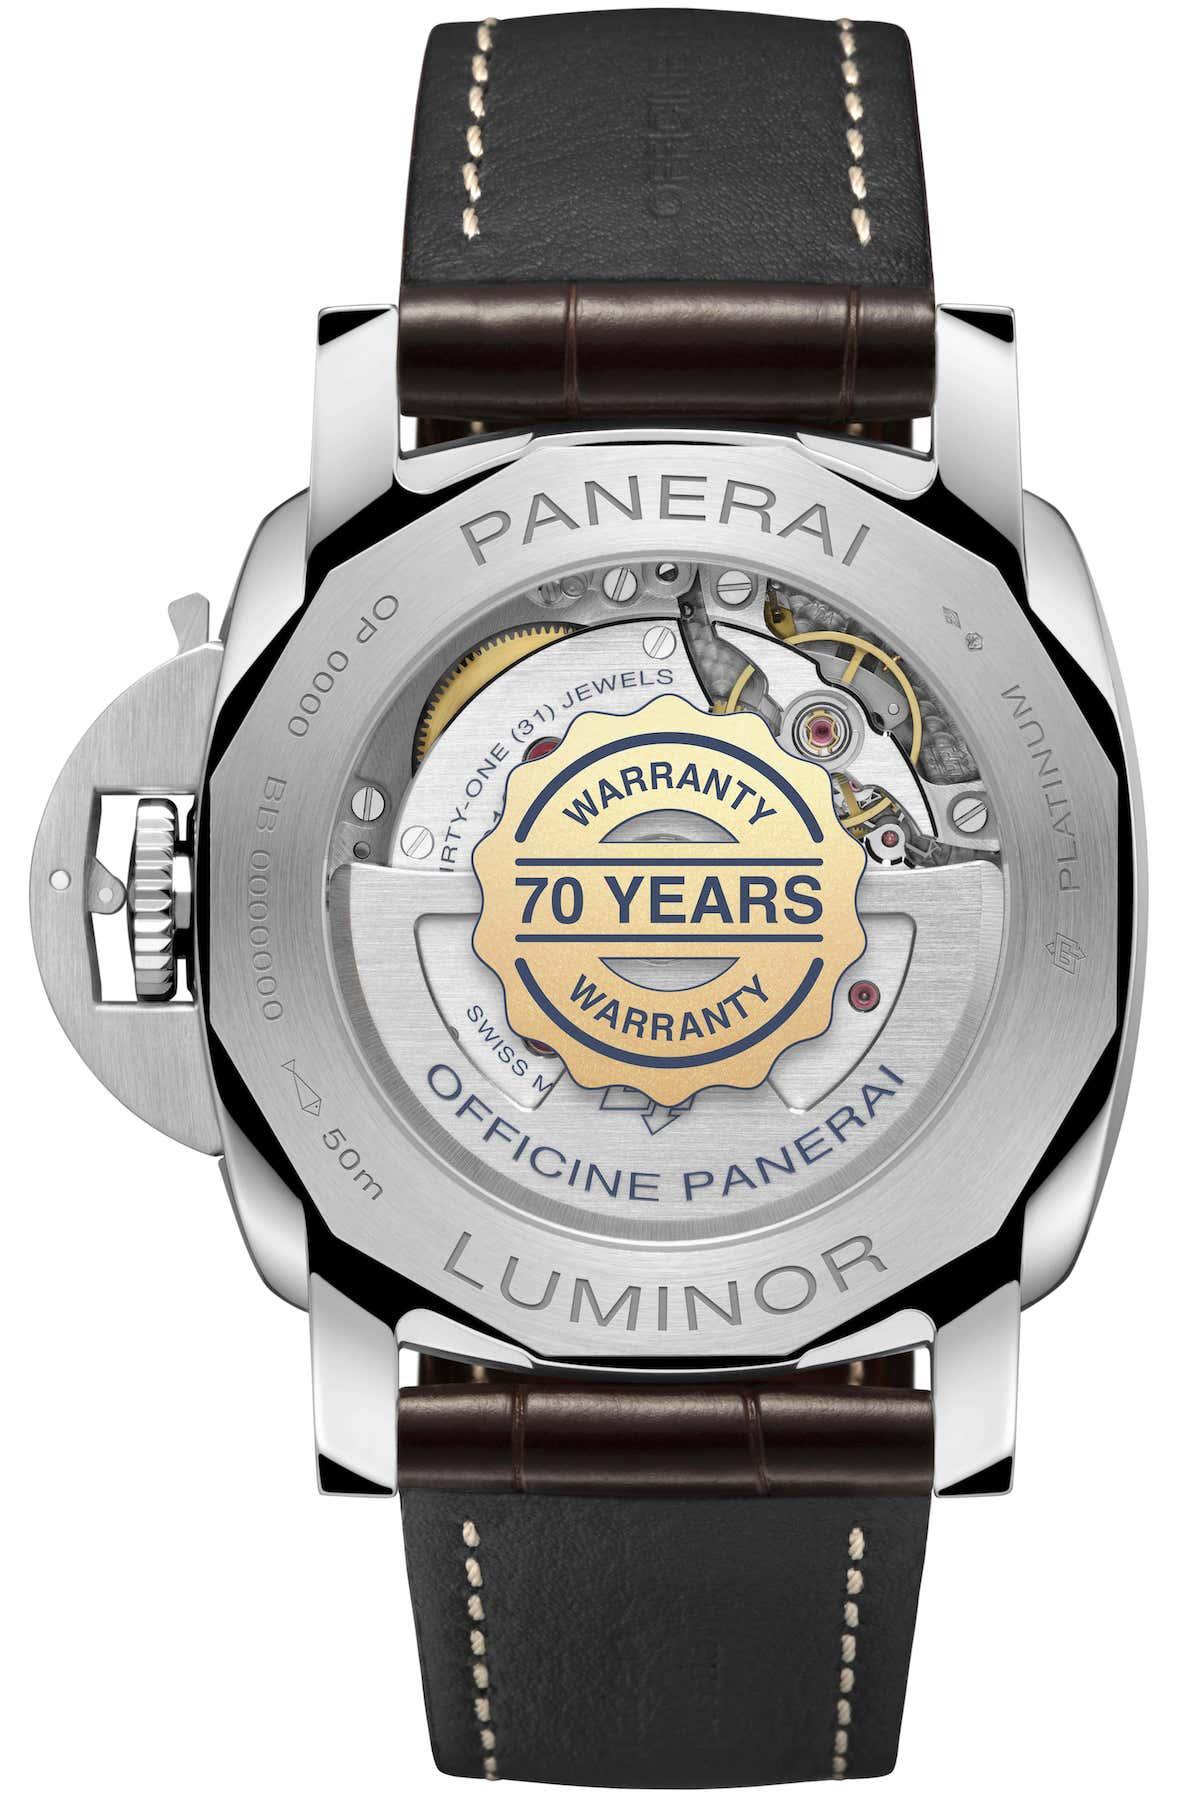 Platinumtech Luminor Marina PAM01116 02 min